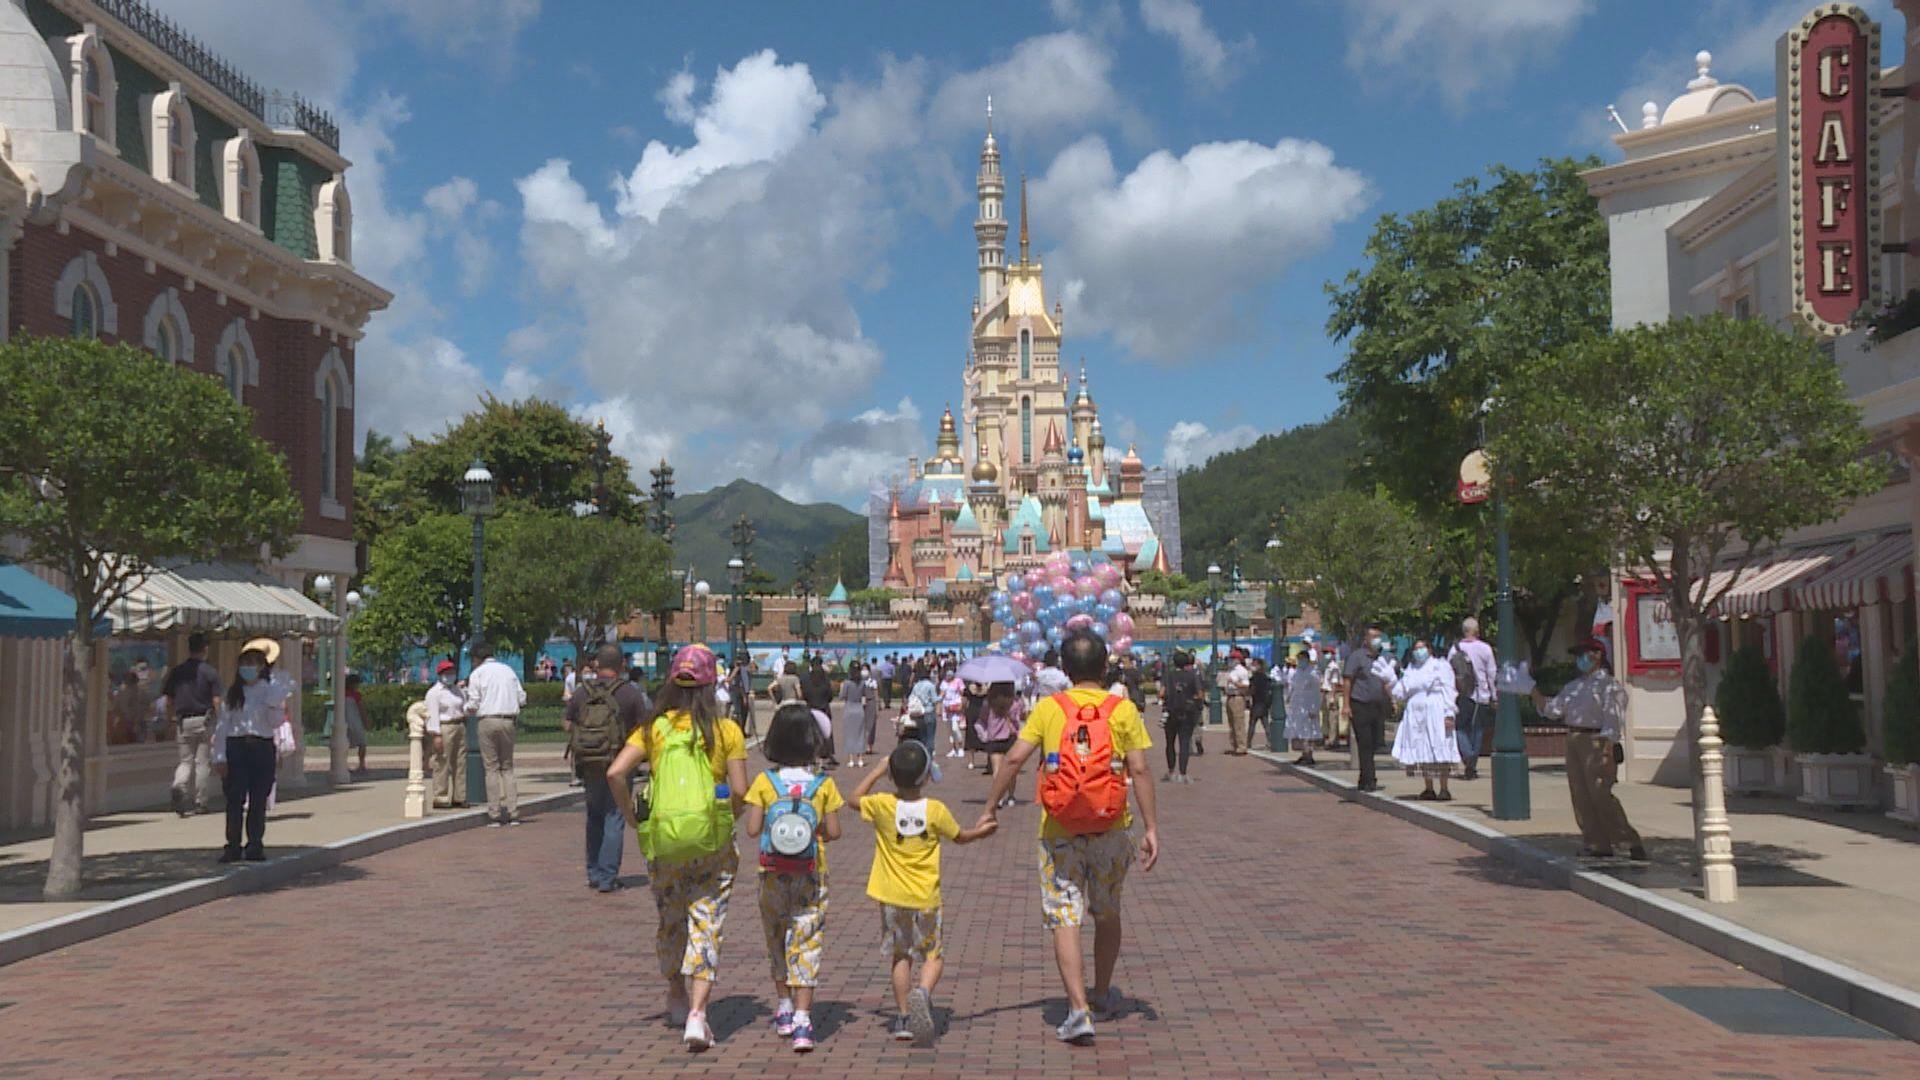 香港迪士尼2020財年收入跌逾七成 淨虧損約27億